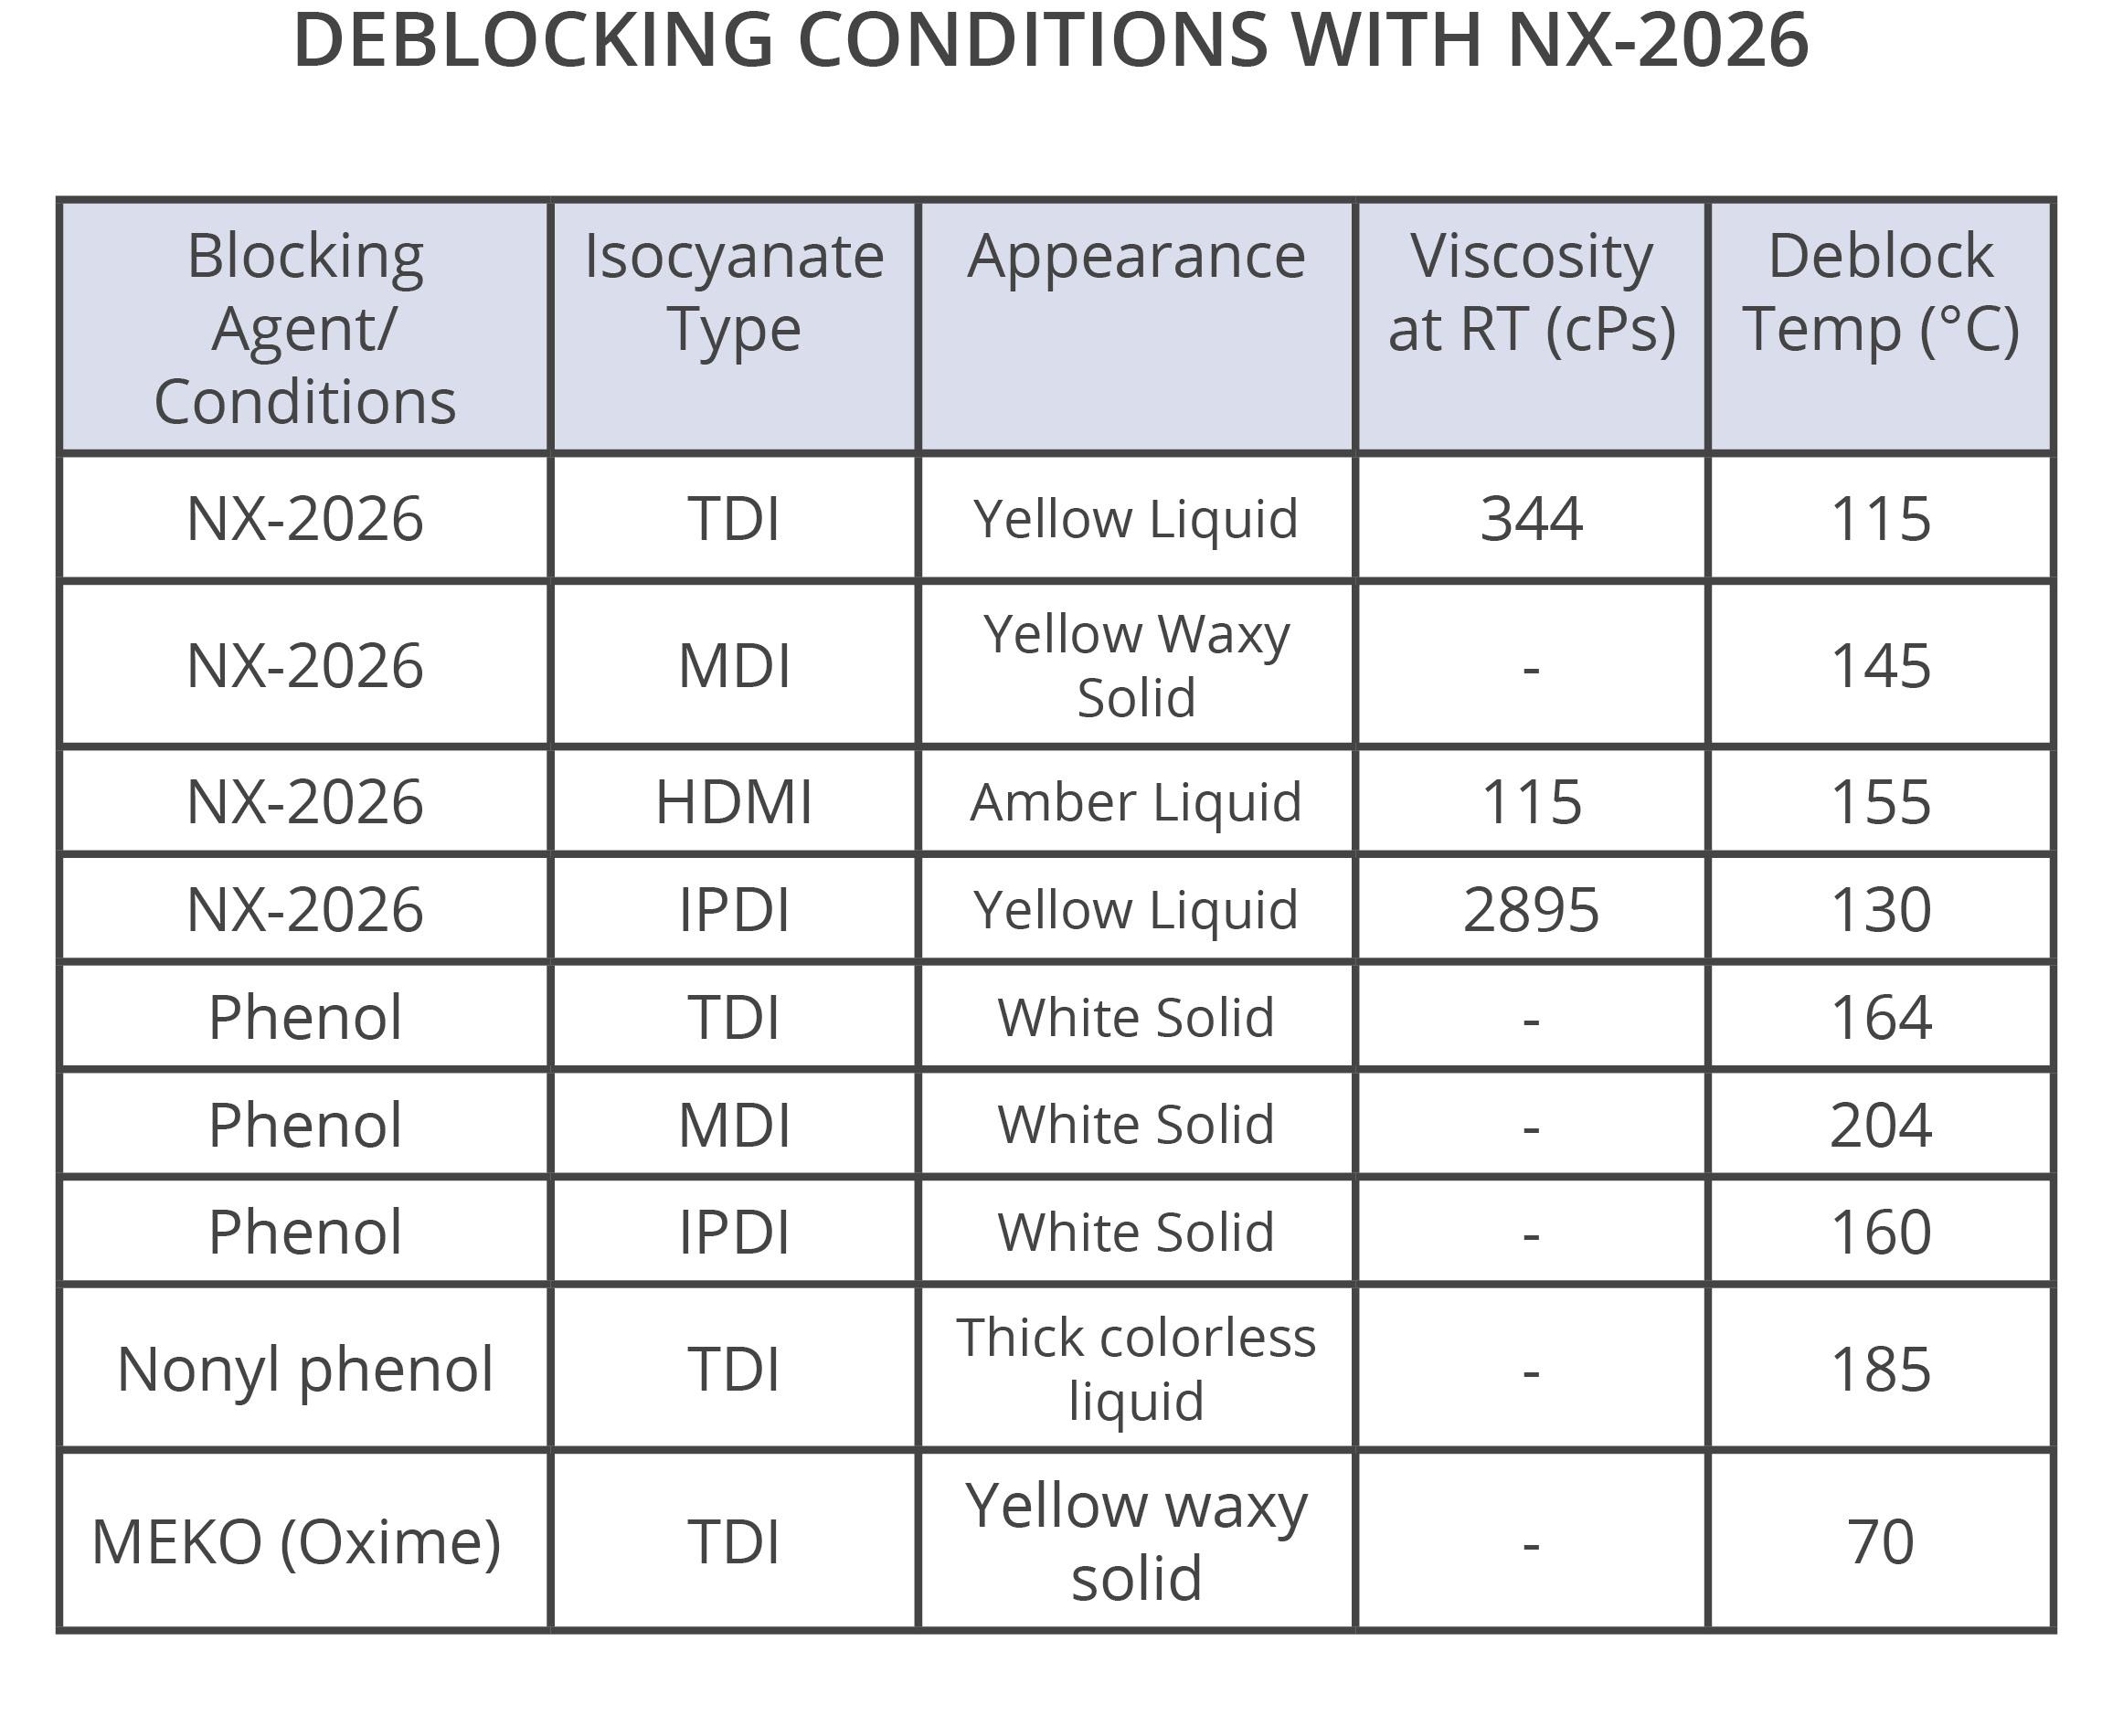 NX-2026 Deblock conditions